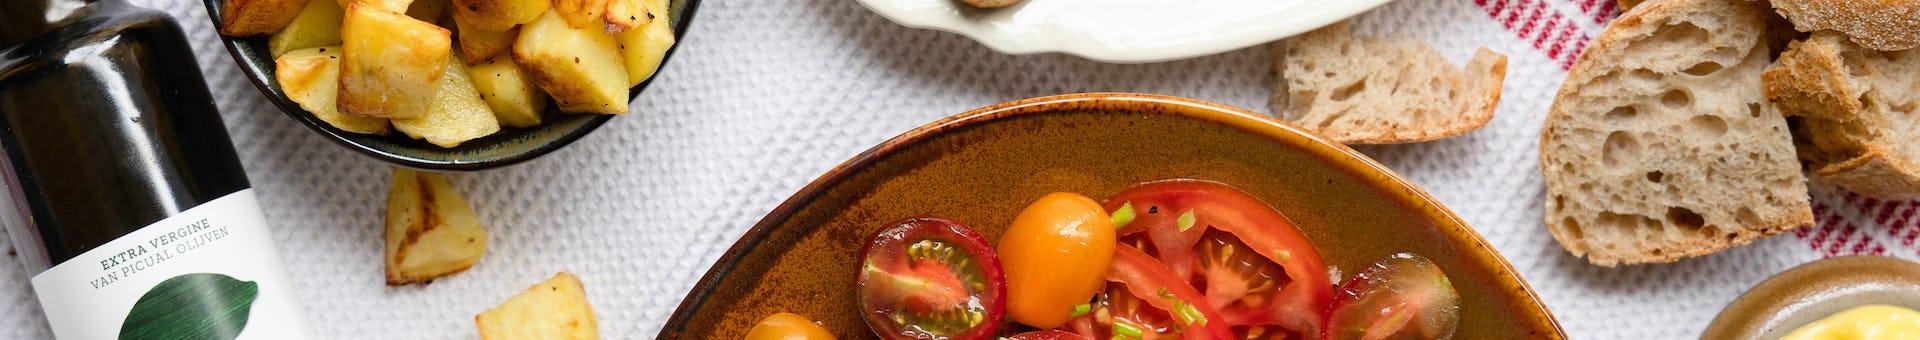 Spaanse tapas in de maaltijdbox